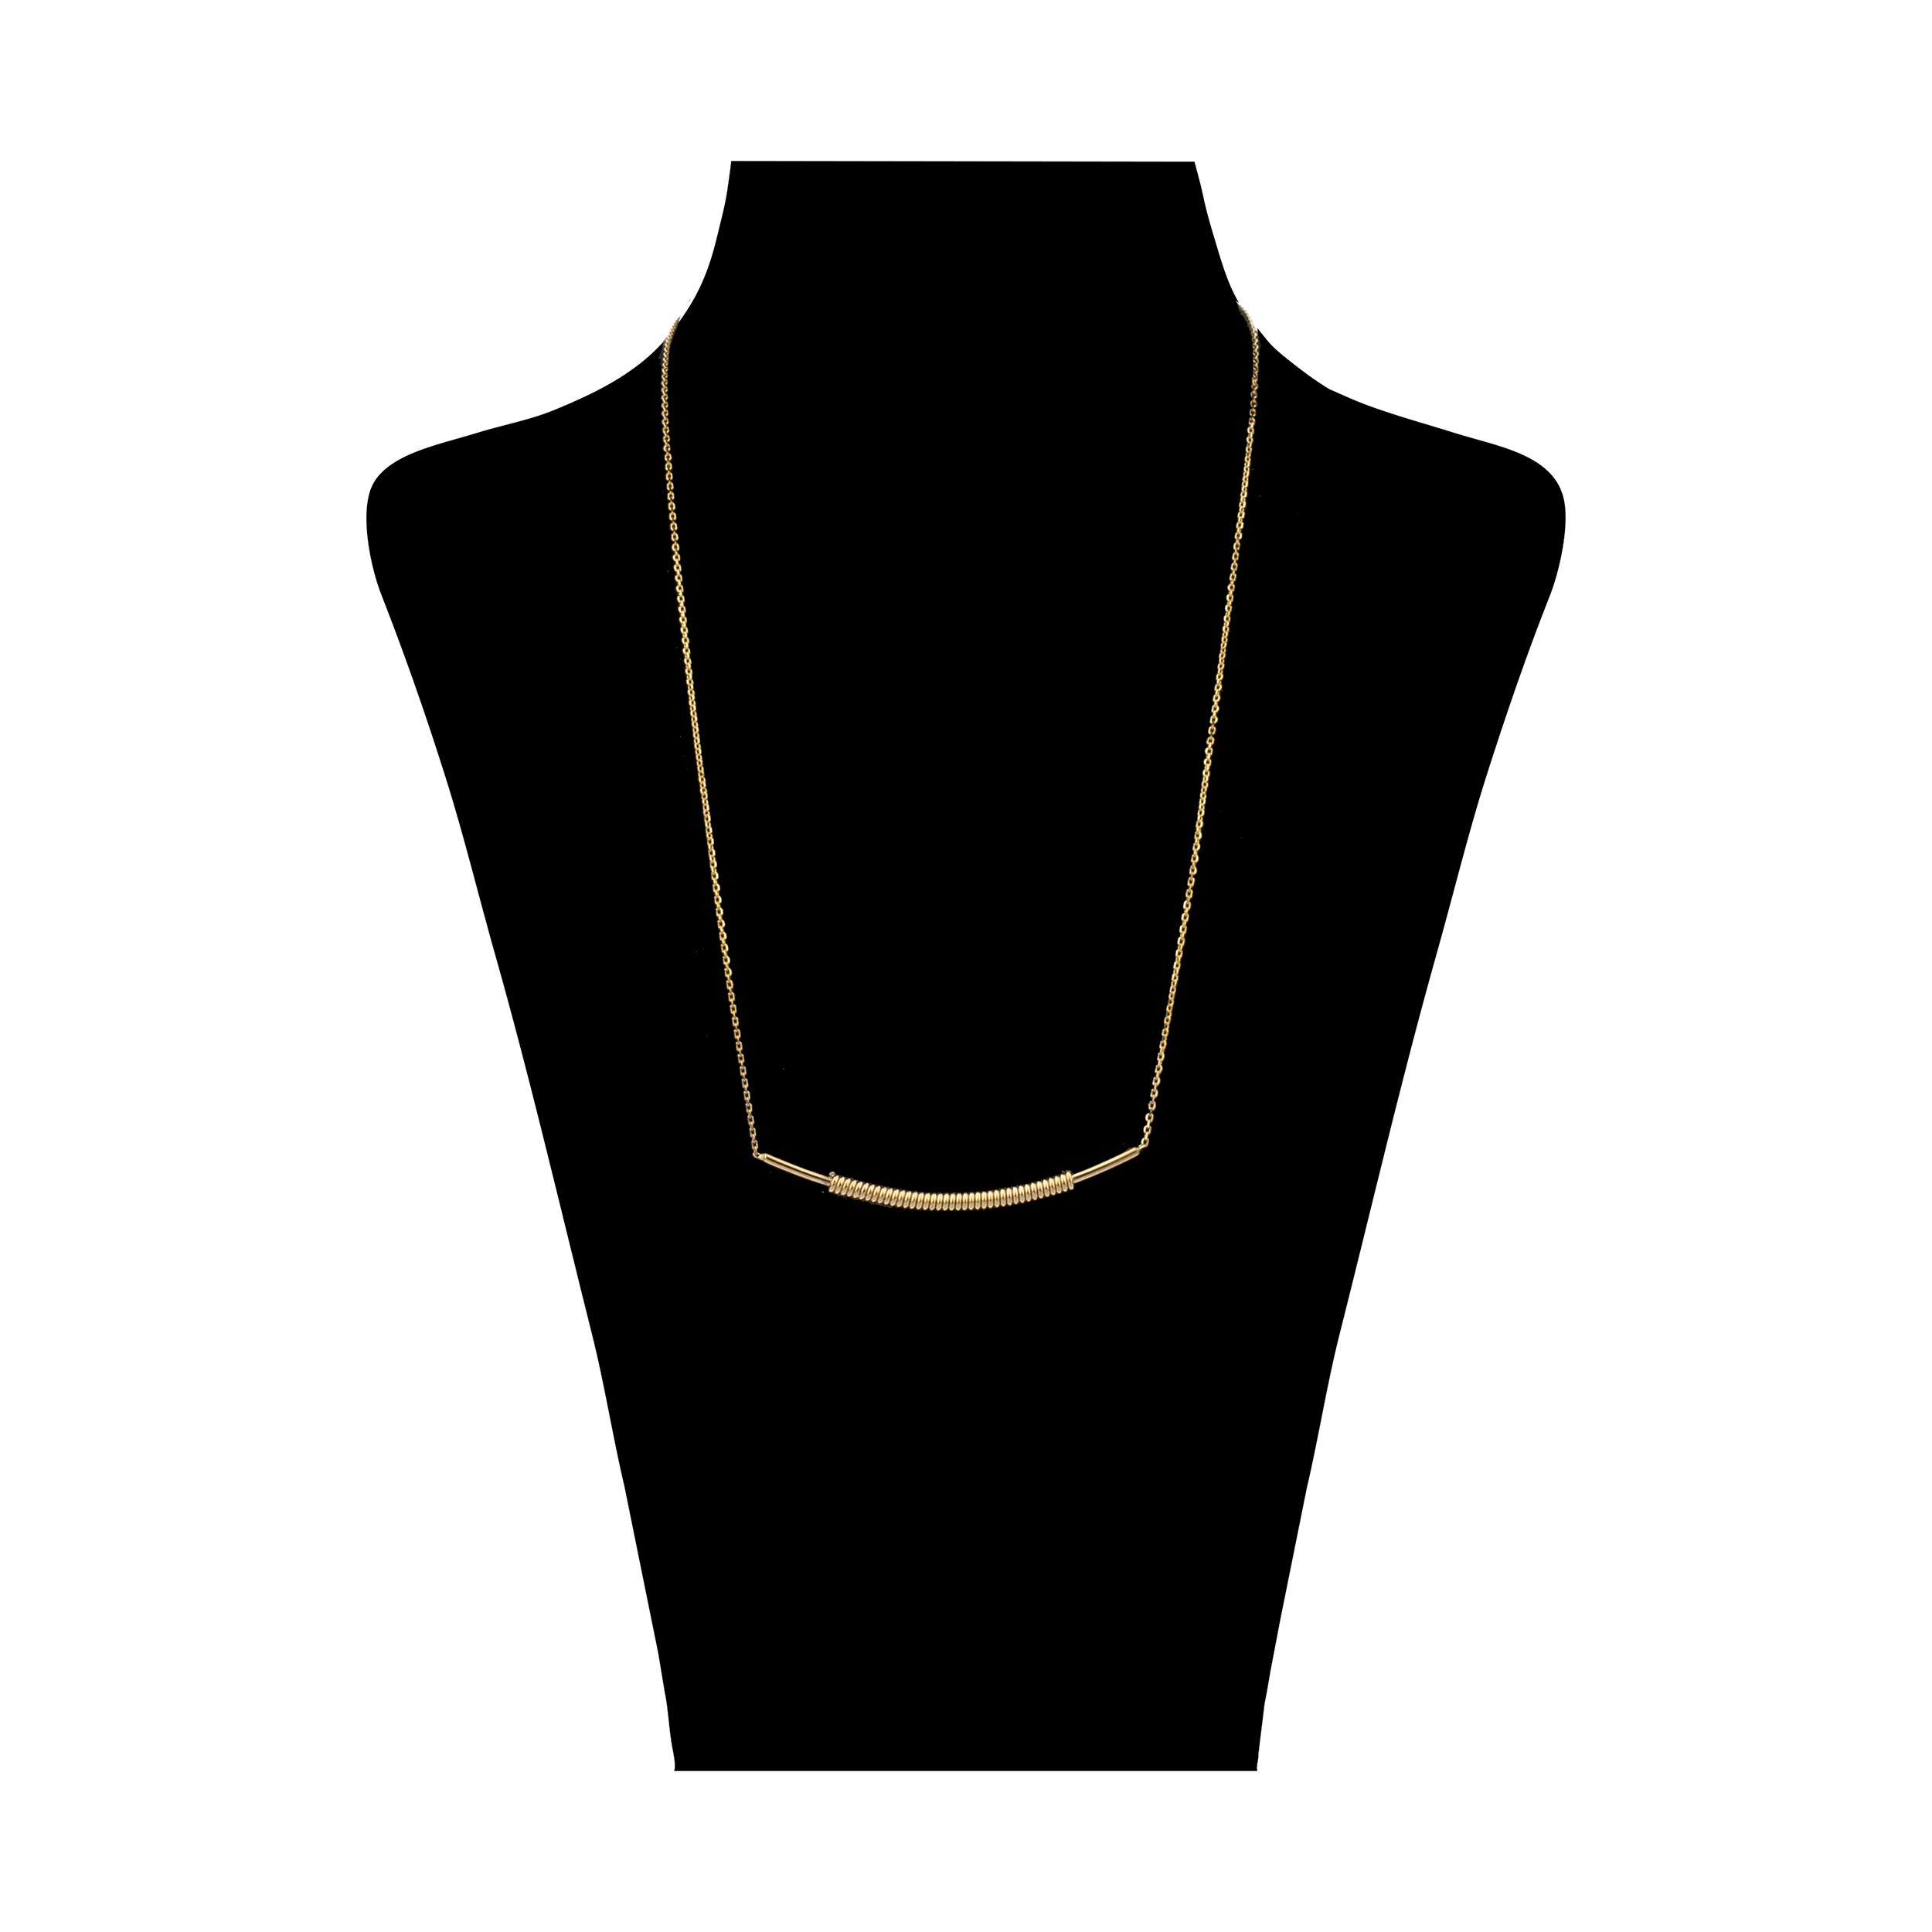 گردنبند طلا 18 عیار زنانه سنجاق مدل x068683